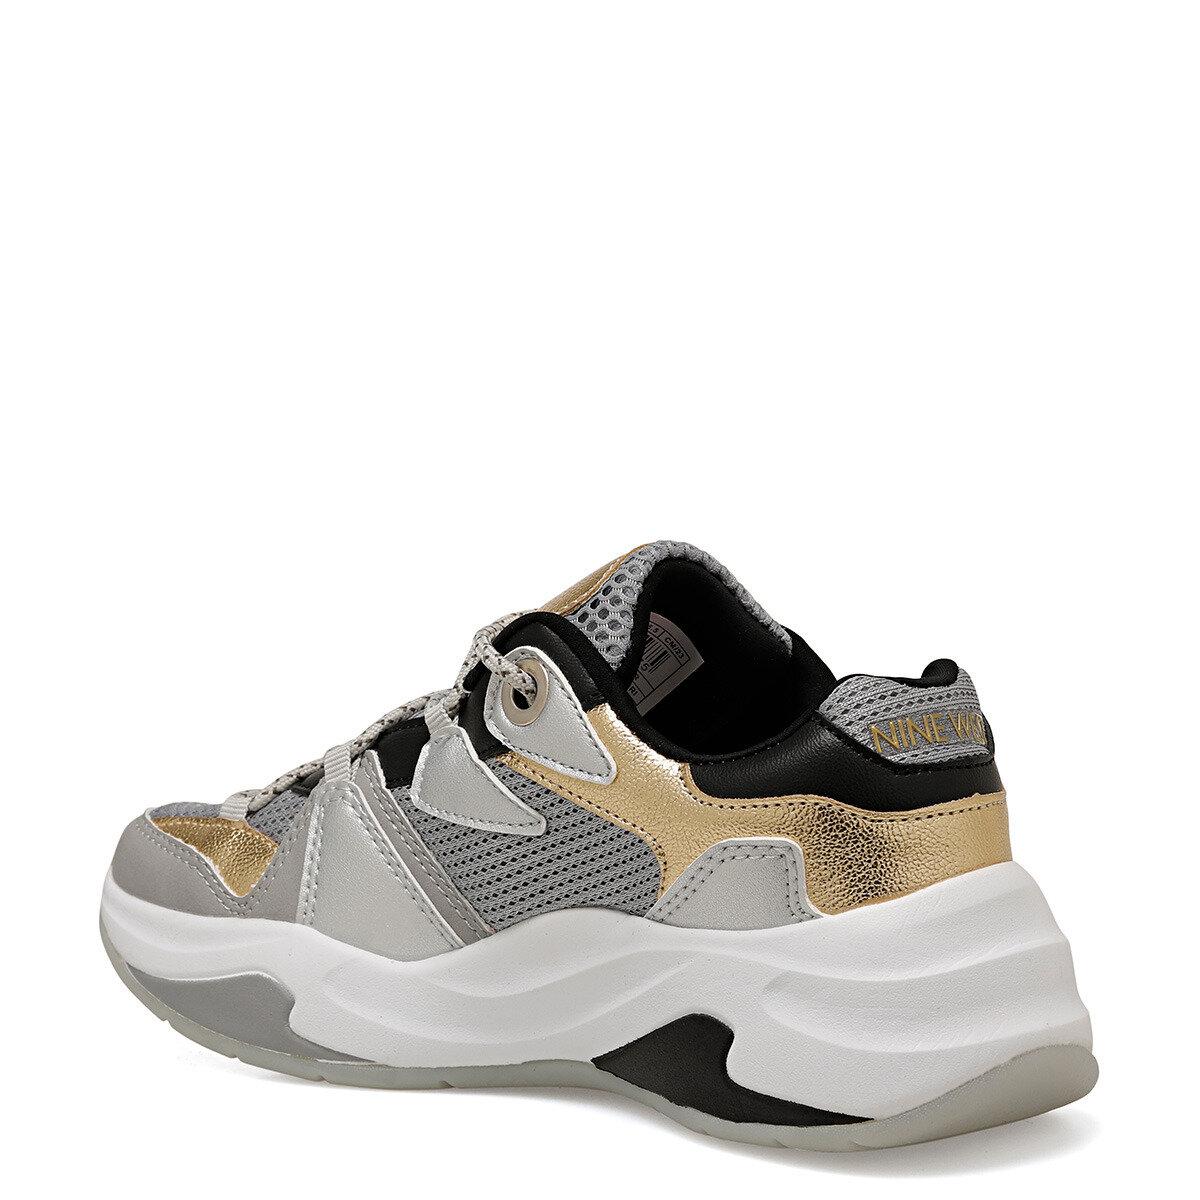 RANDOR Metalik Gri Kadın Sneaker